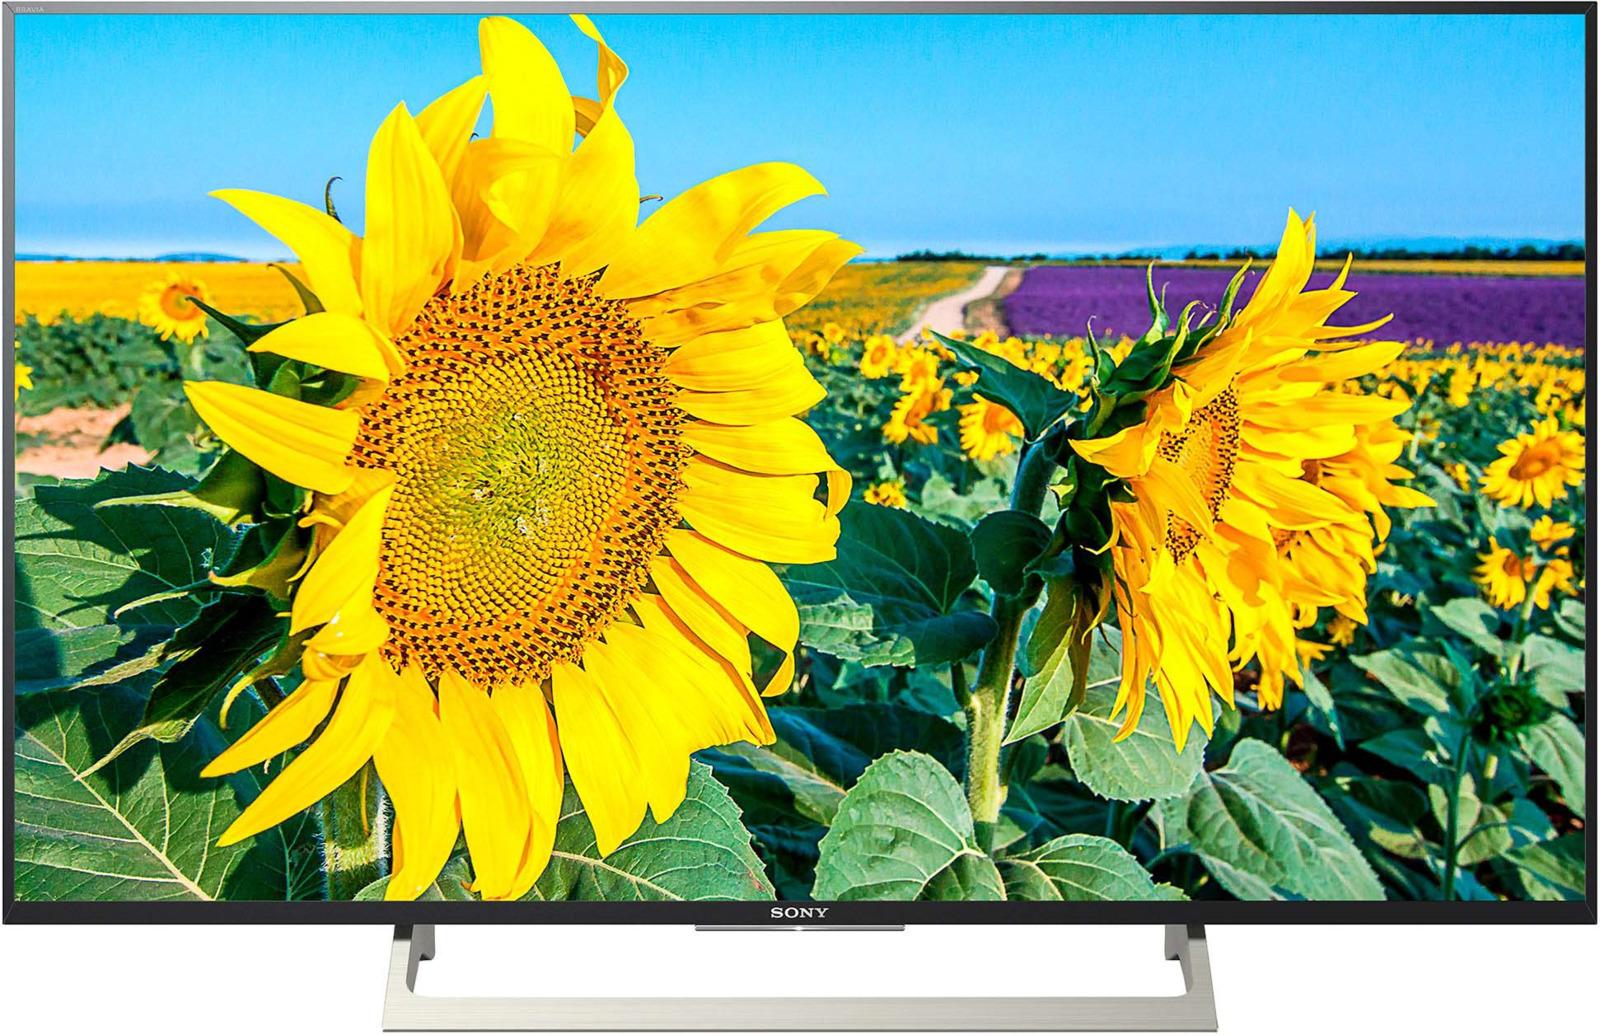 Телевизор Sony KD-49XF8096BR 49, черный телевизор sony kd49xf9005br2 черный